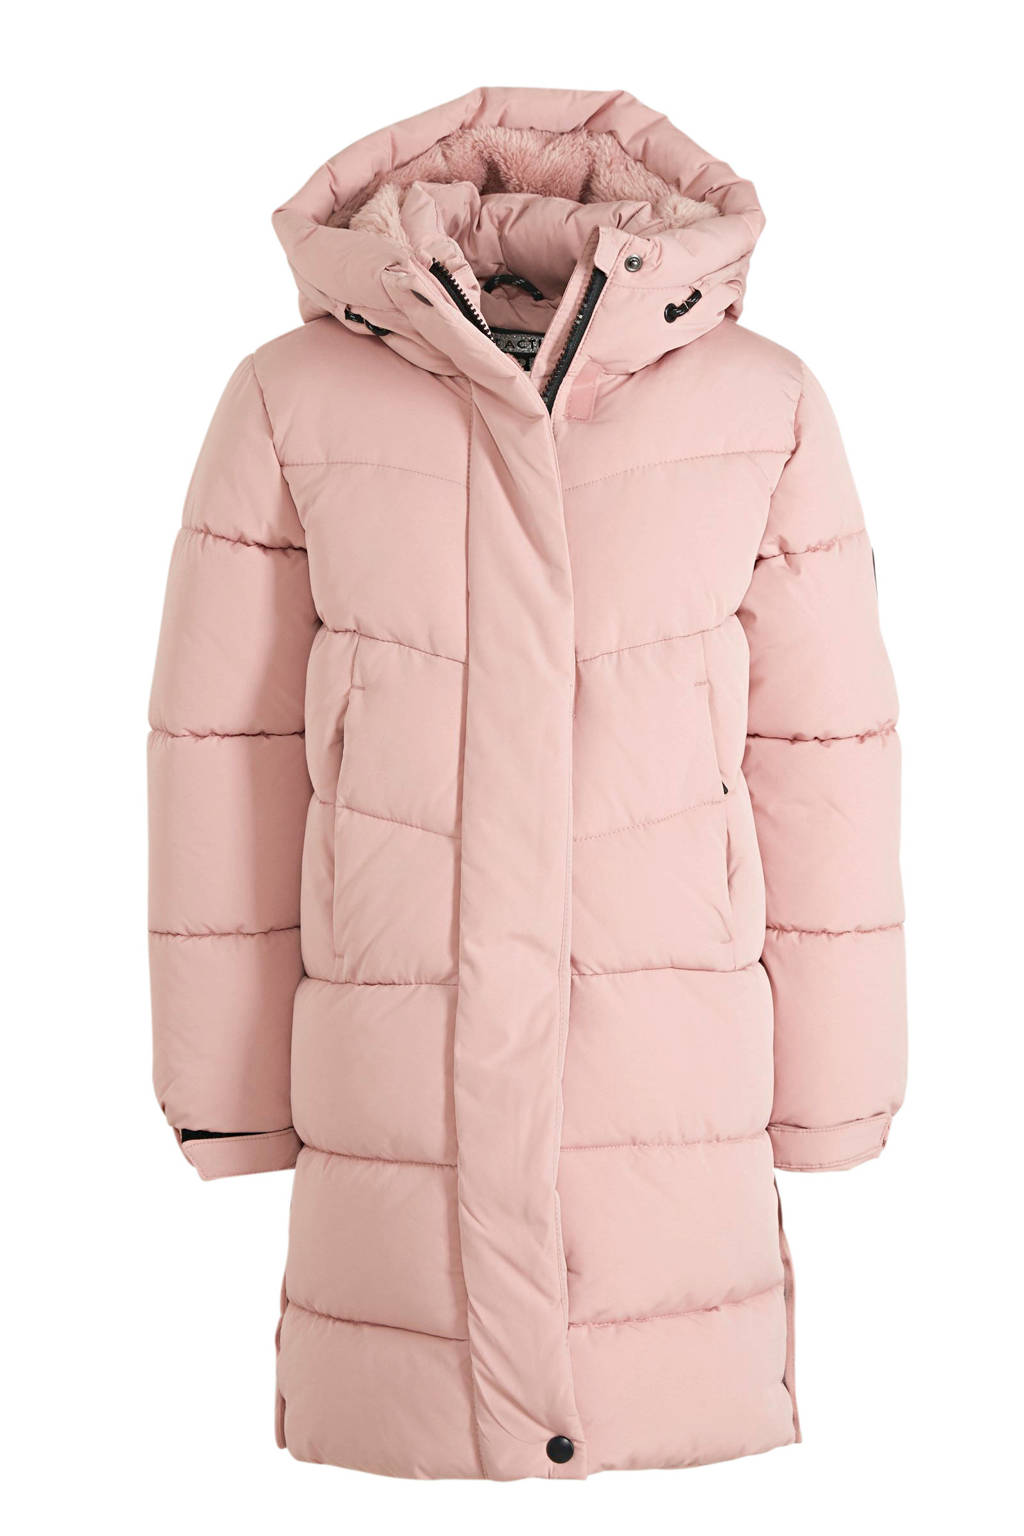 C&A Here & There gewatteerde winterjas roze, Roze